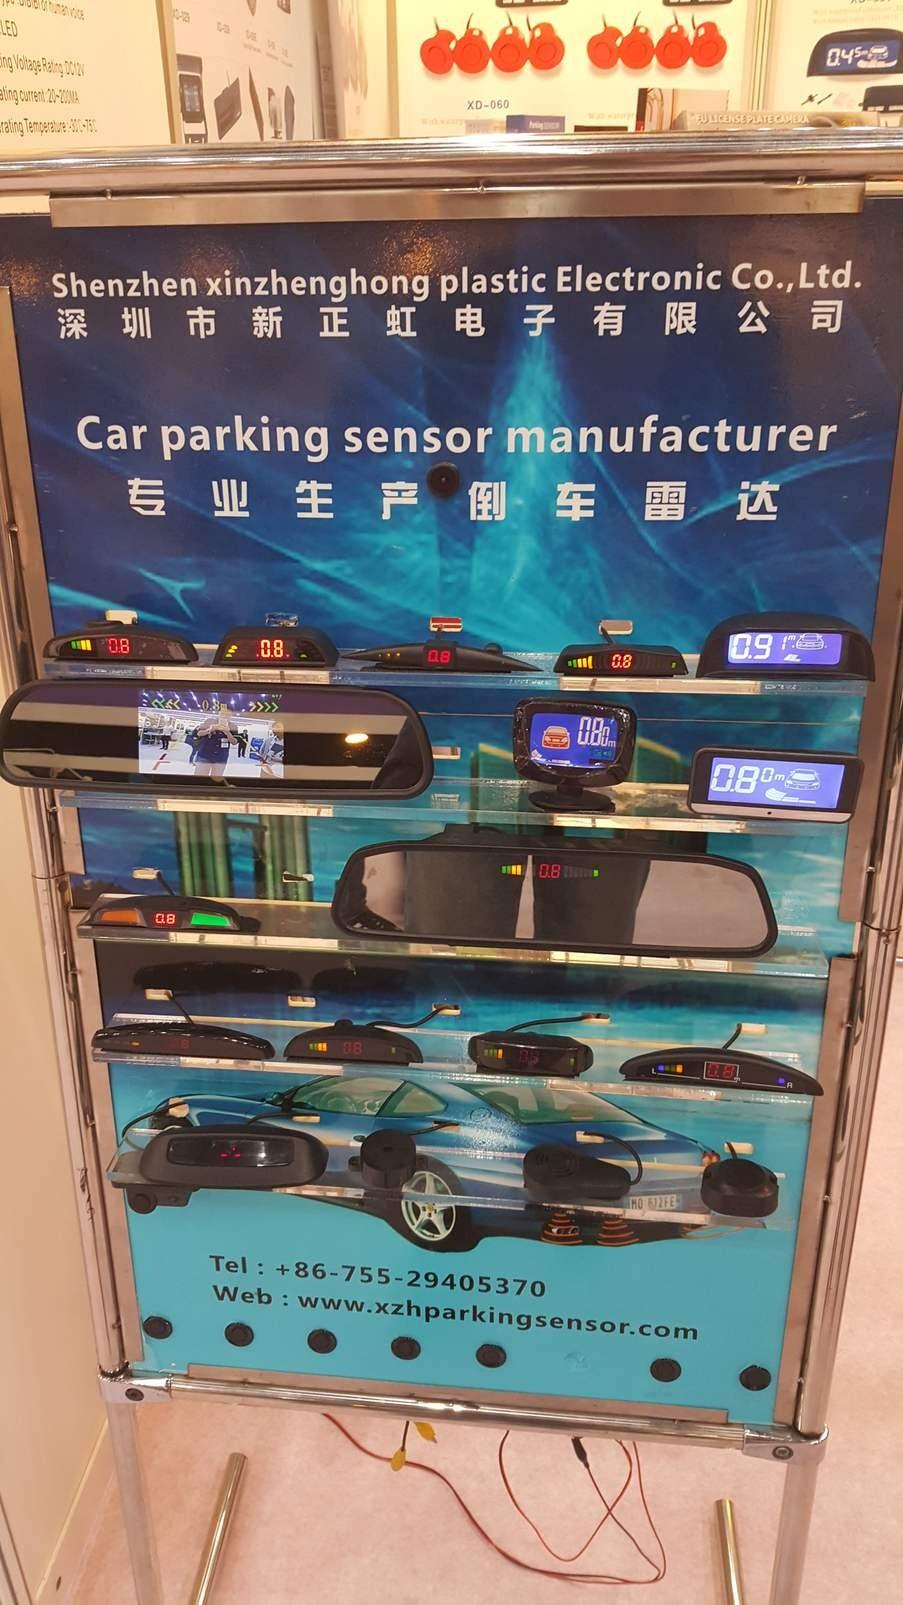 幫汽車裝陽傘很荒唐嗎?從採購展看中國的出口魔法 - 華安 - ceo.lin的博客